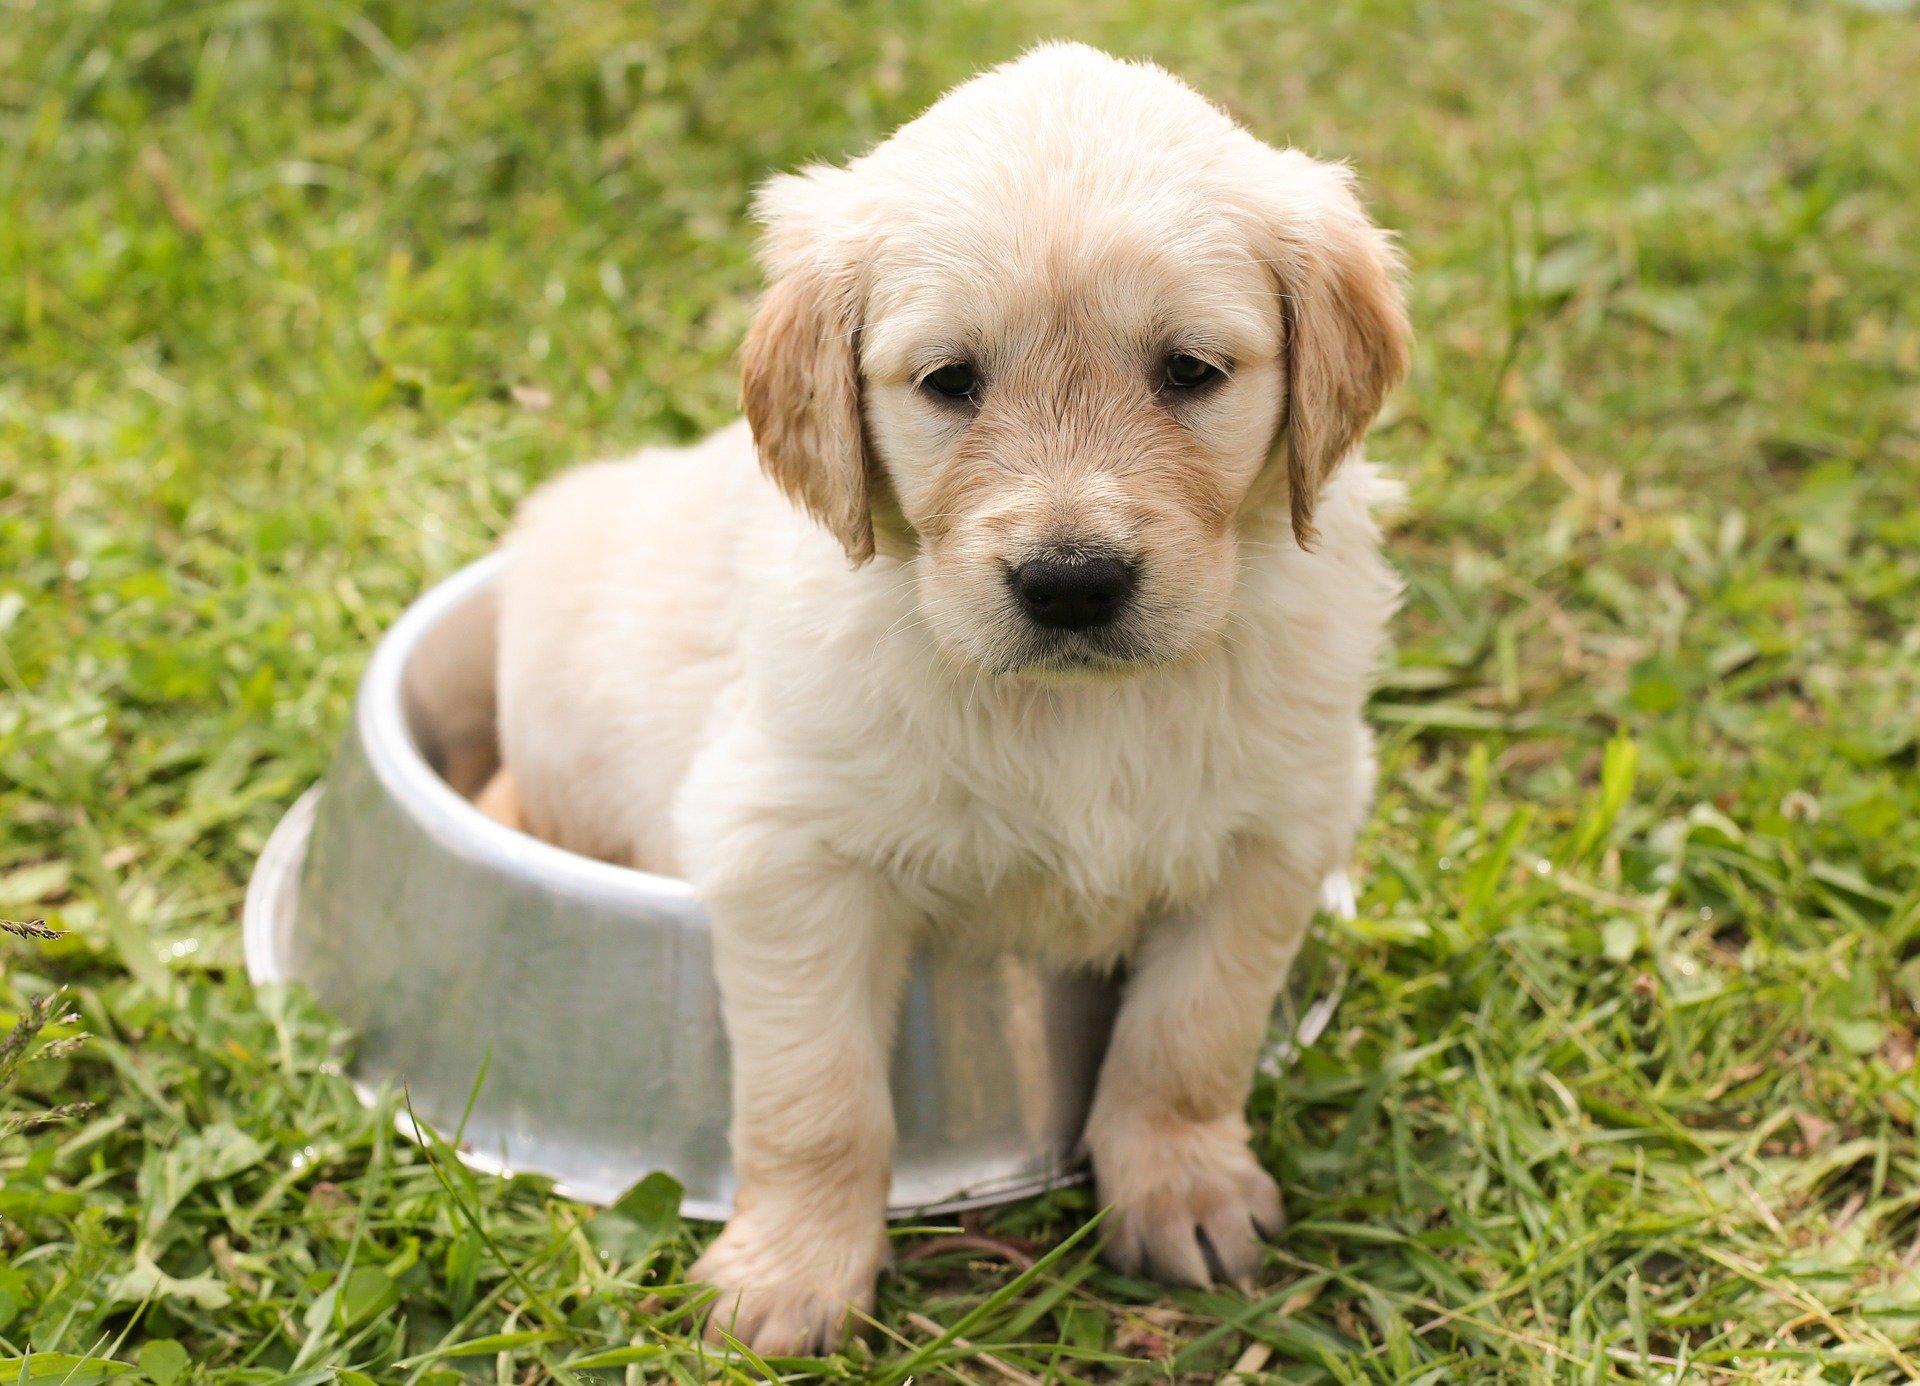 dog bowl puppy pixabay